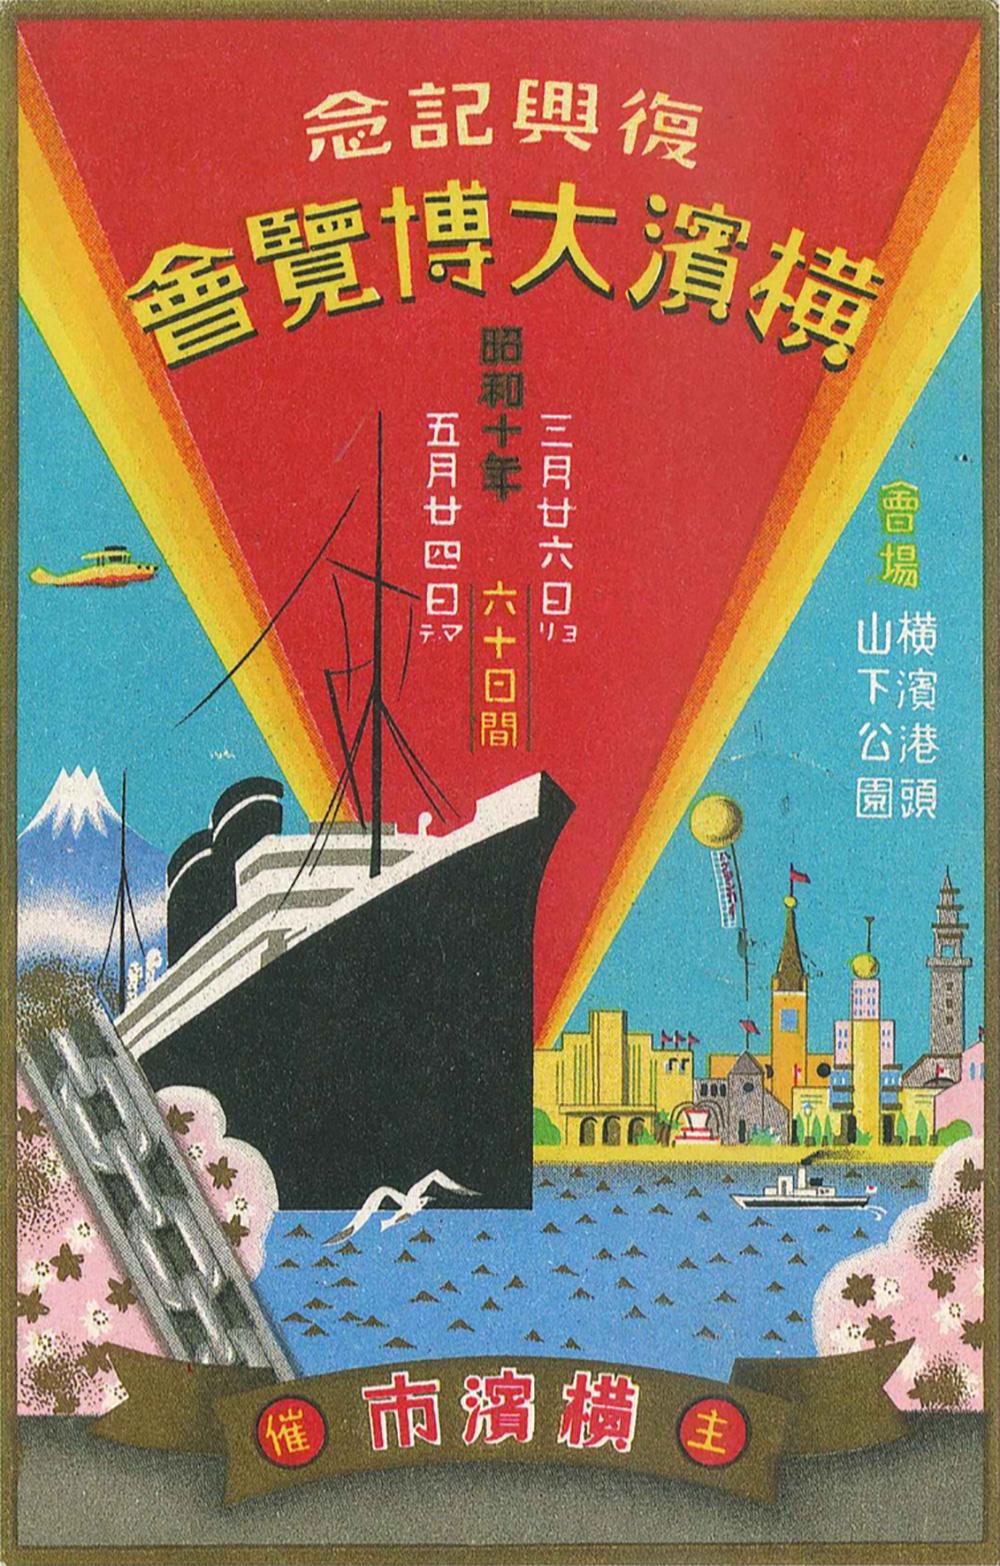 「復興記念横浜大博覧会」(横浜都市発展記念館所蔵)